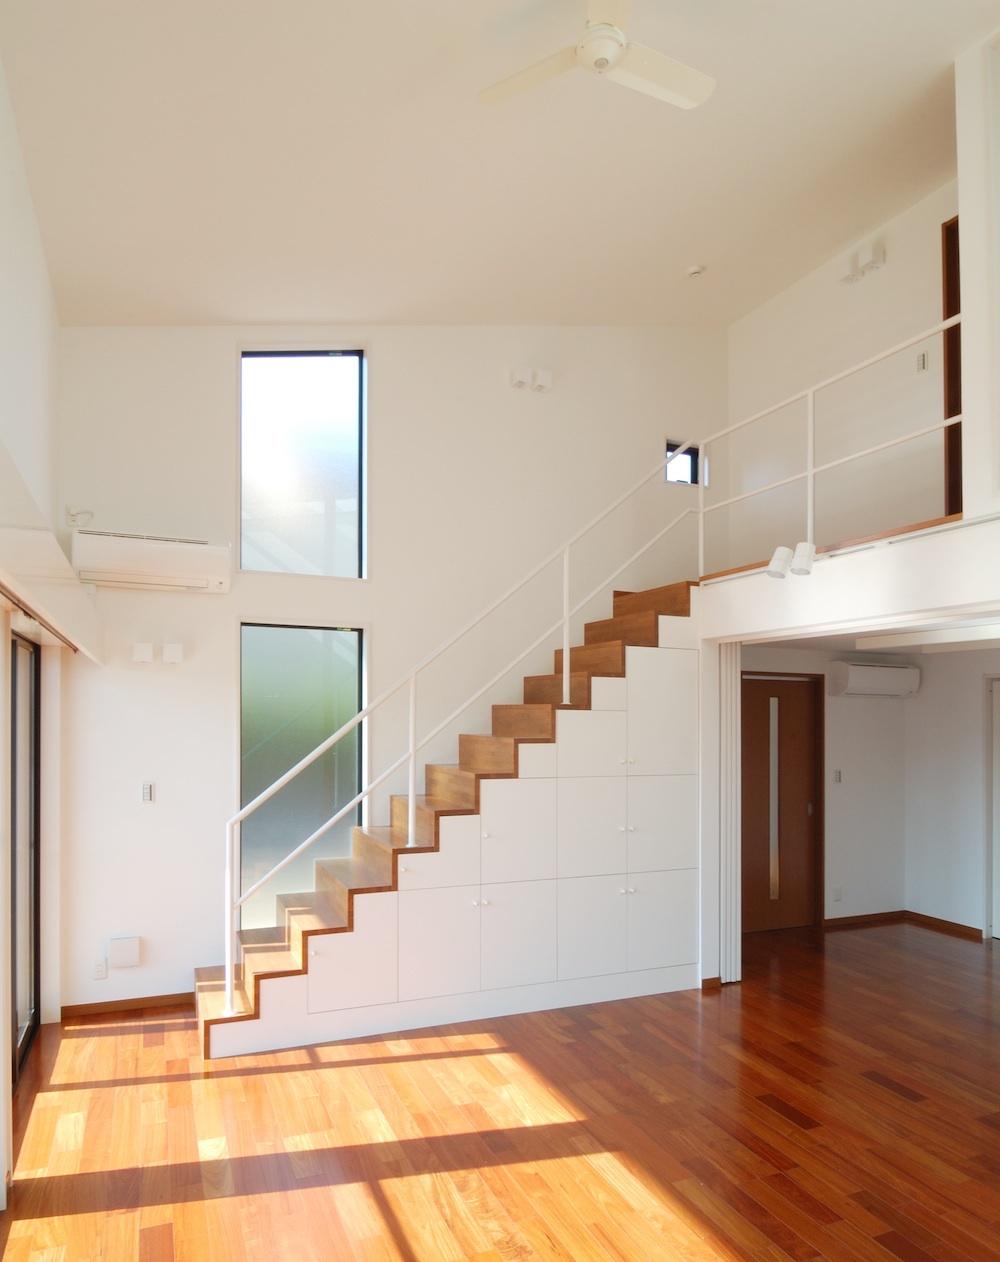 オープン階段リビング吹抜高天井注文住宅